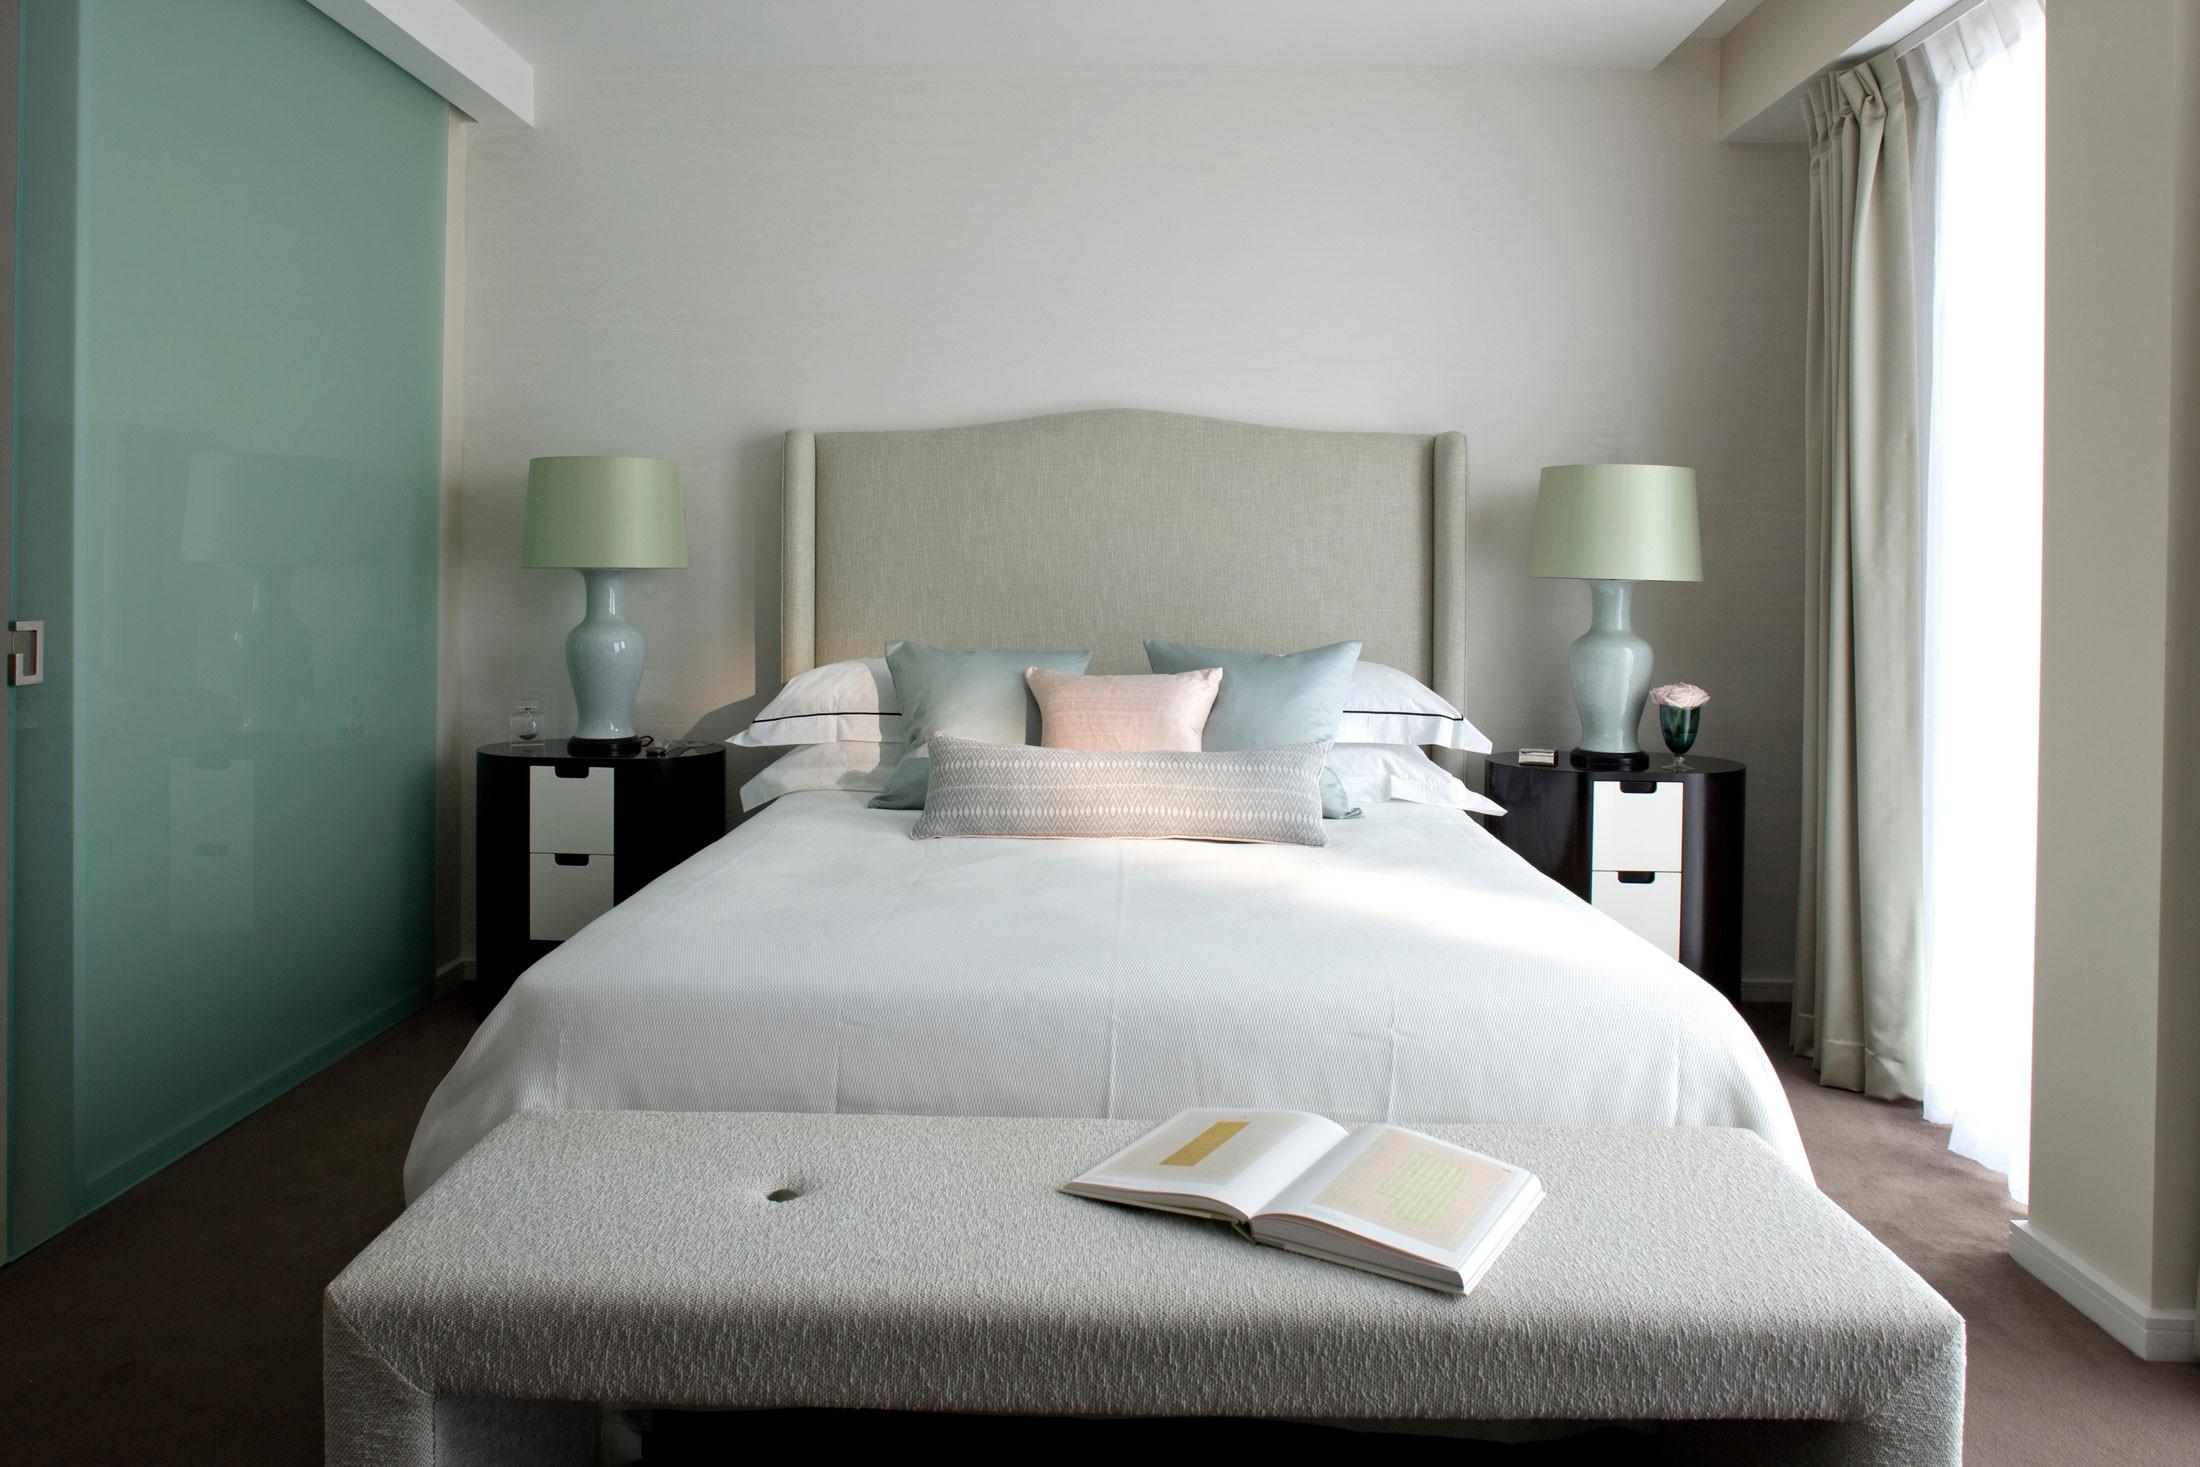 卧室墙壁是浅色的,很有创意的颜色,让人心情愉悦。